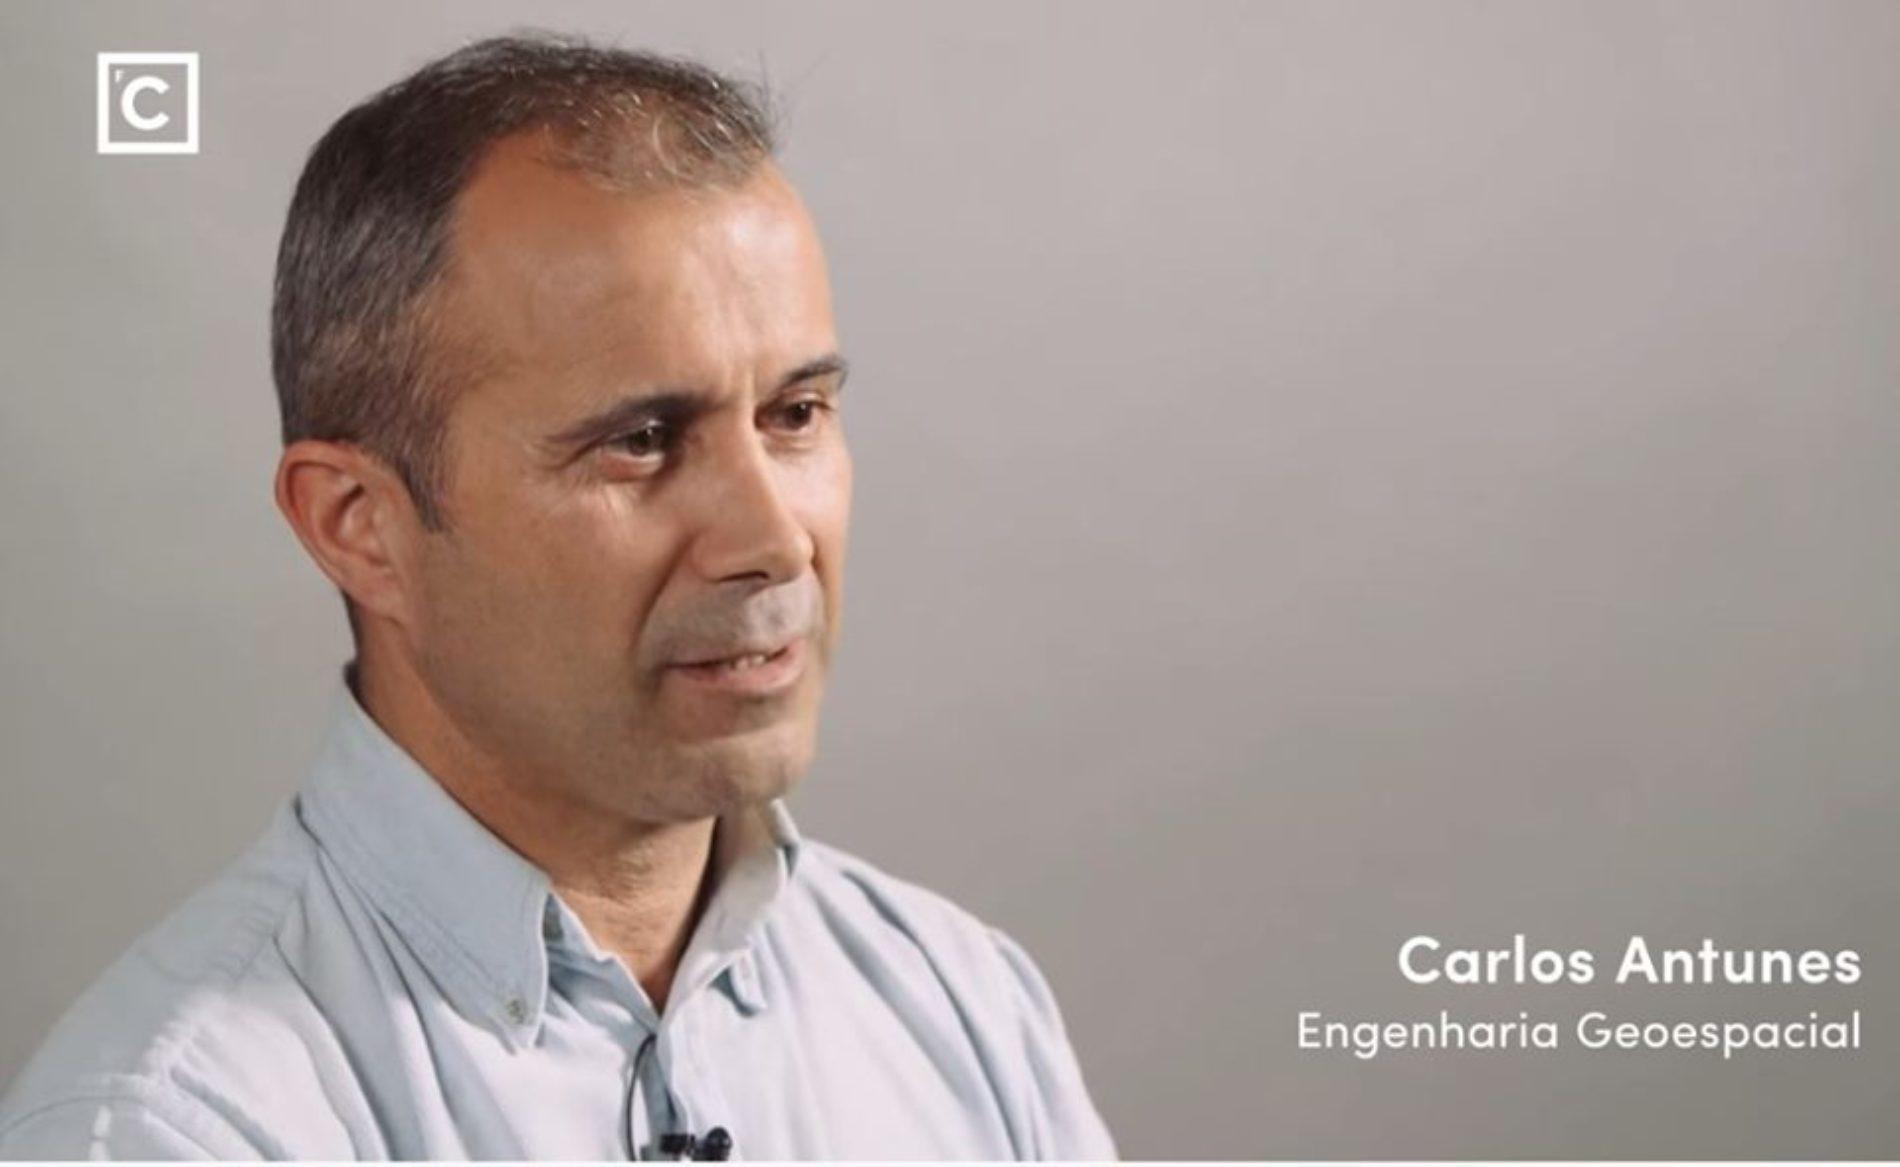 """COVID-19: """"A tendência de descida é suave, ligeira, mas consistente"""" verifica Carlos Antunes, professor da FCUL (com vídeo)"""